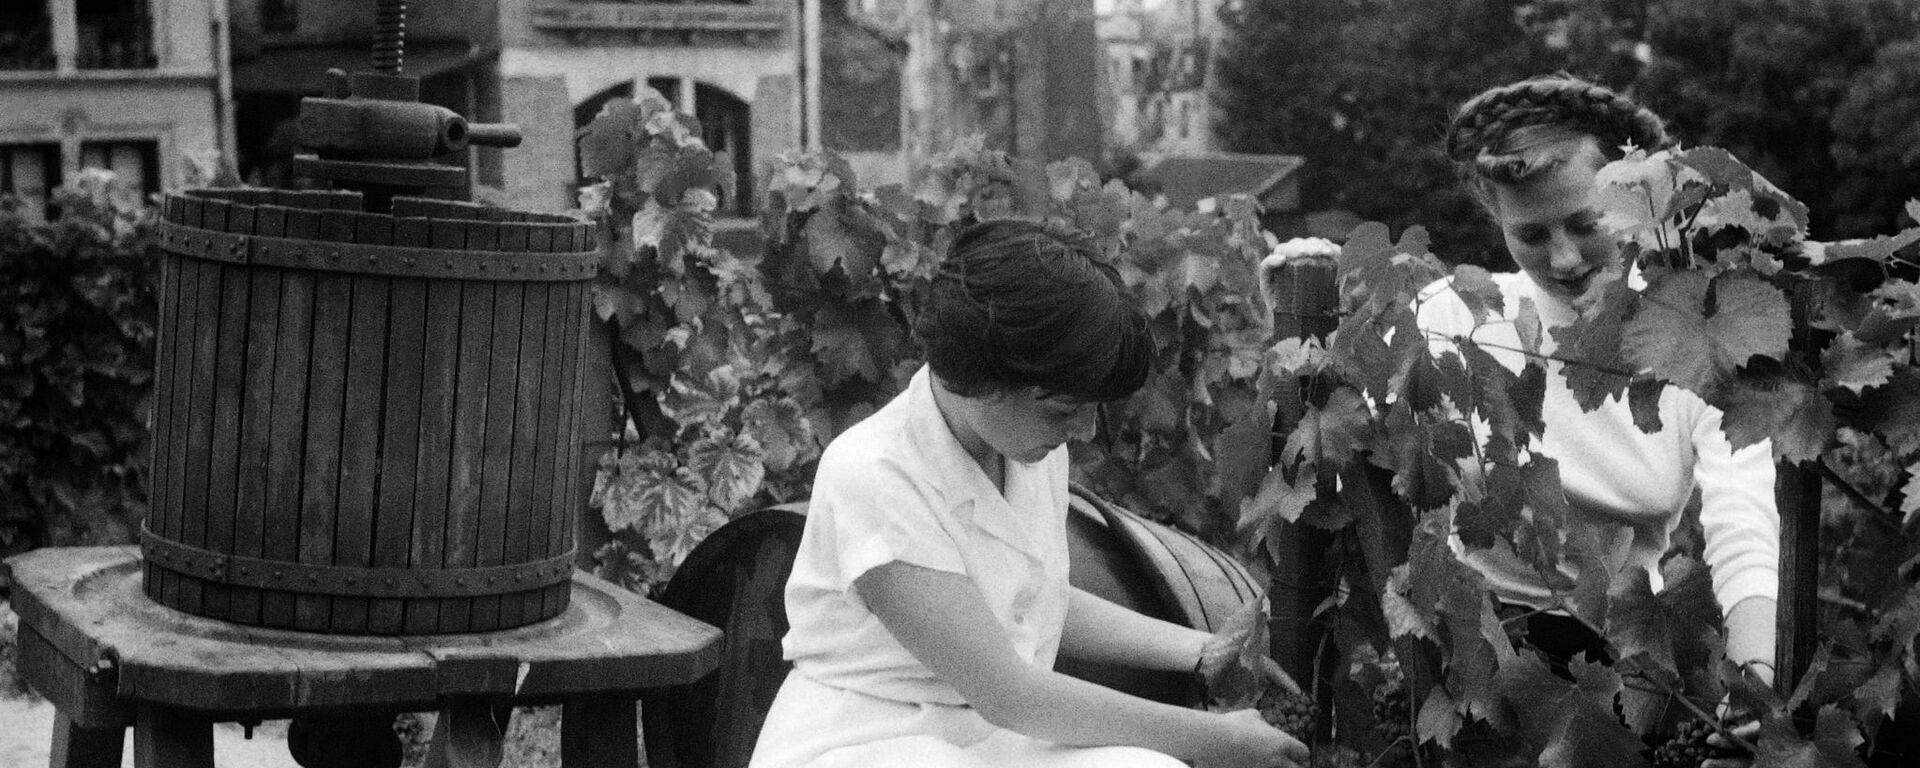 Mujeres cortando uvas para vino  - Sputnik Mundo, 1920, 14.02.2020